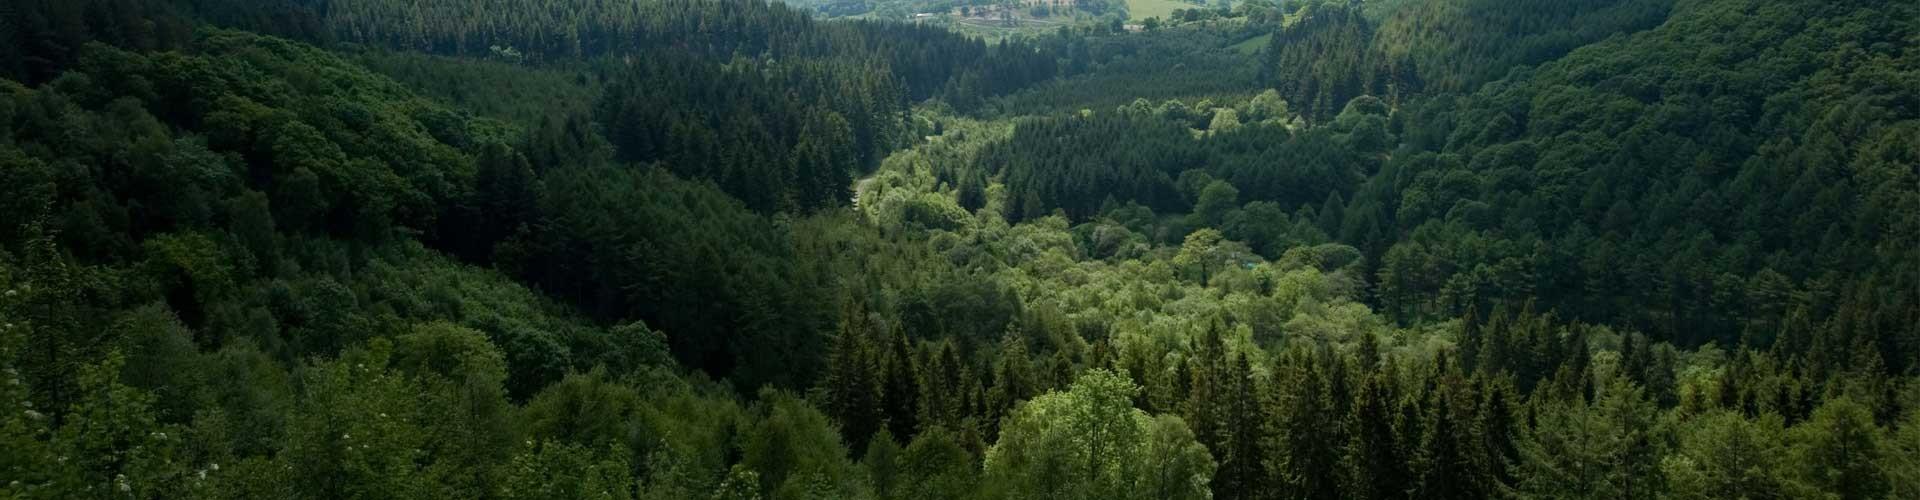 Les Douglas exploités par la scierie Eurodouglas proviennent du Morvan en Bourgogne (photo du Morvan avec des Douglas visibles)